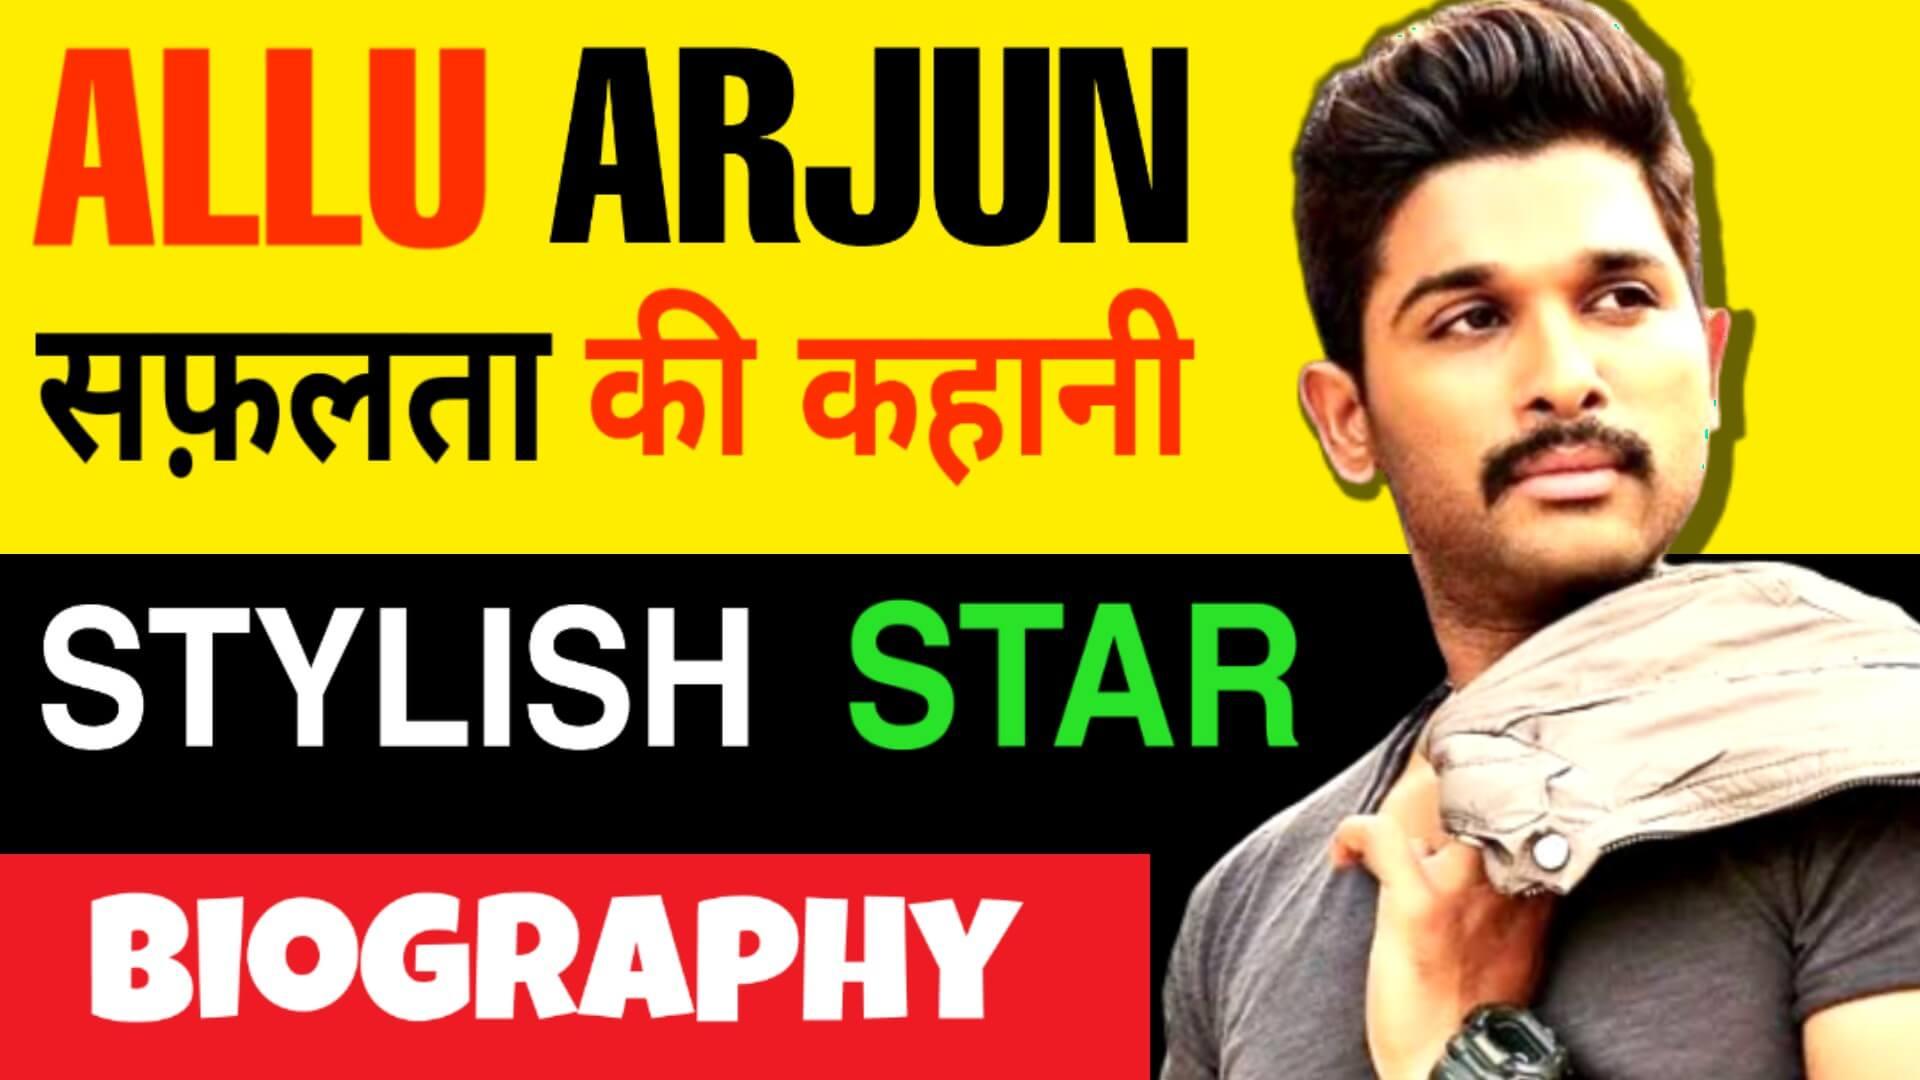 Allu Arjun ka Jivan Parichay   अल्लू अर्जुन की जीवनी